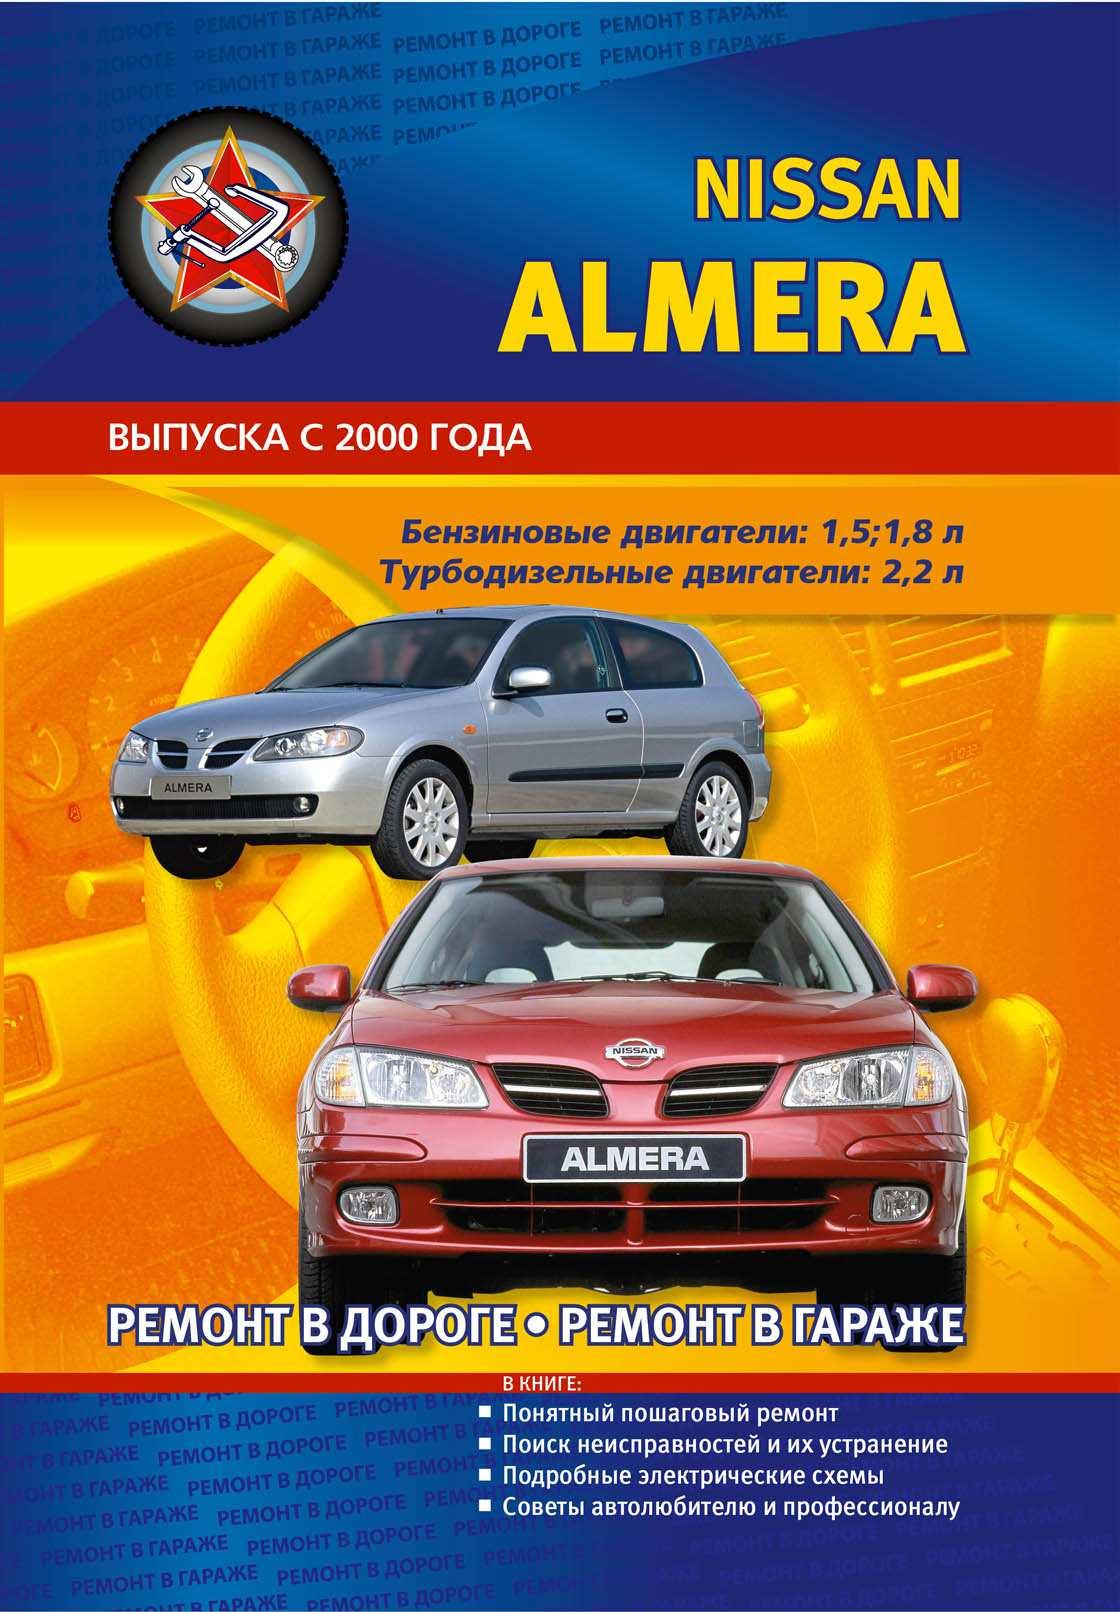 Nissan Almera выпуска с 2000 года. Руководство по ремонту, техническому обслуживанию с инструкцией по эксплуатации